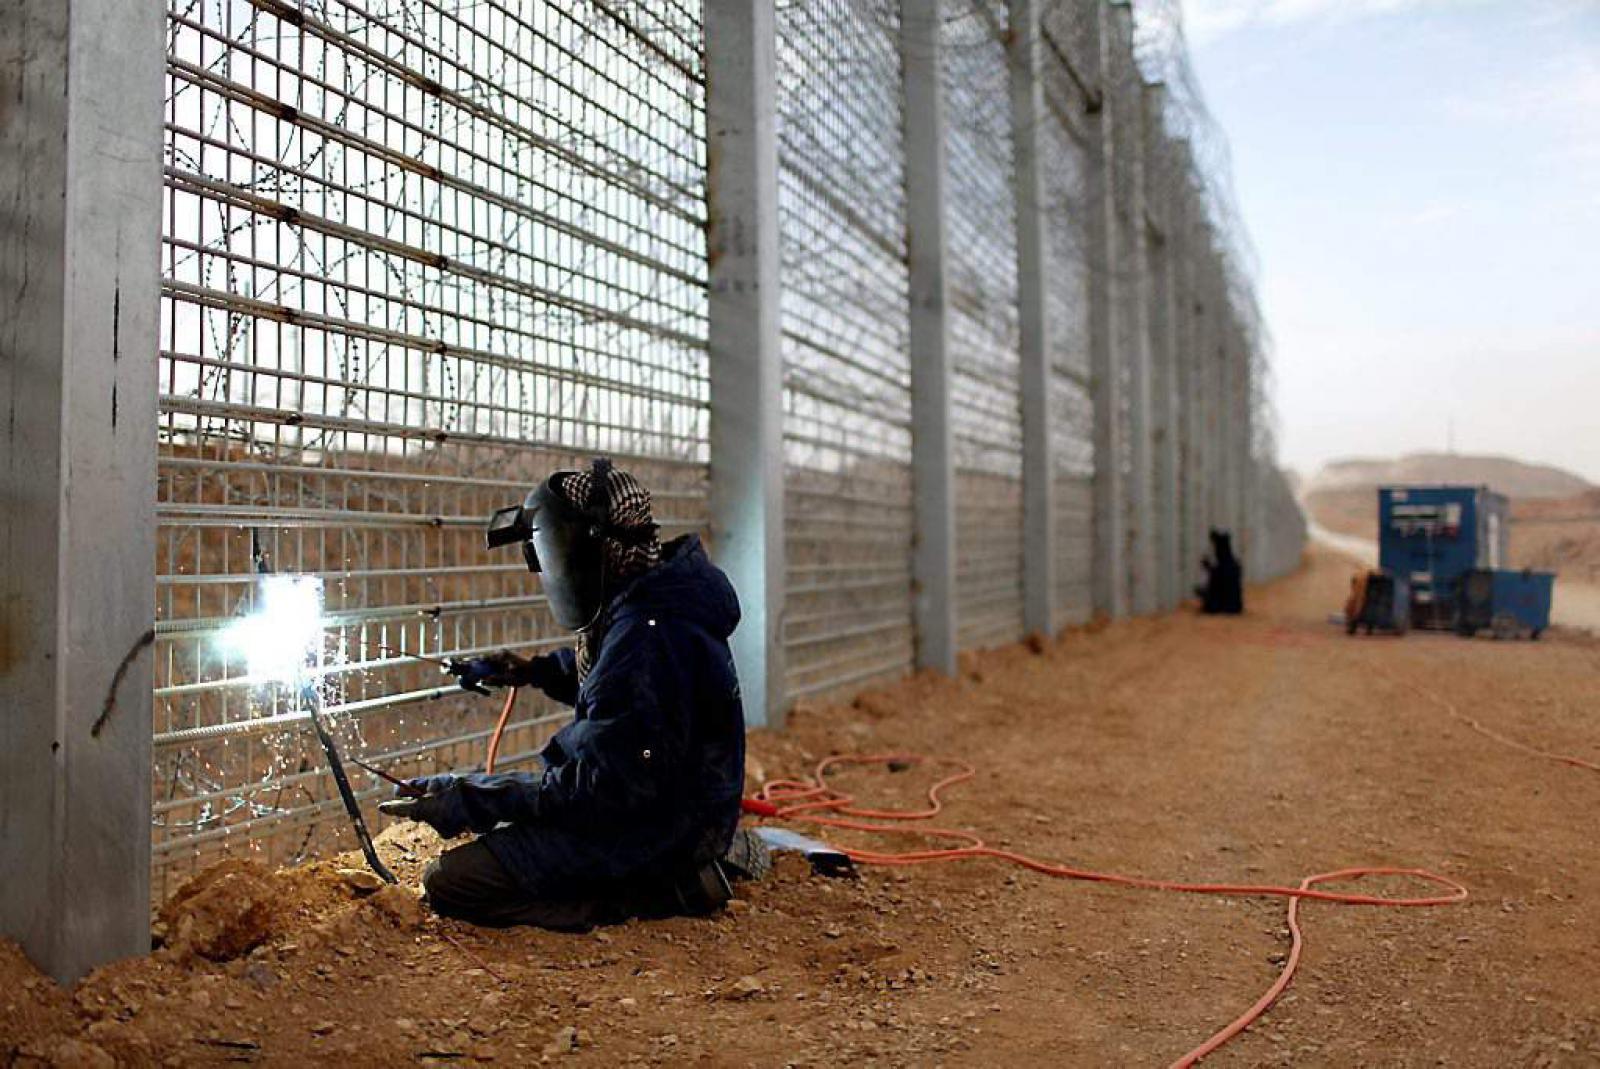 Добро пожаловать в ЕС: Польша построит забор на границе с Украиной